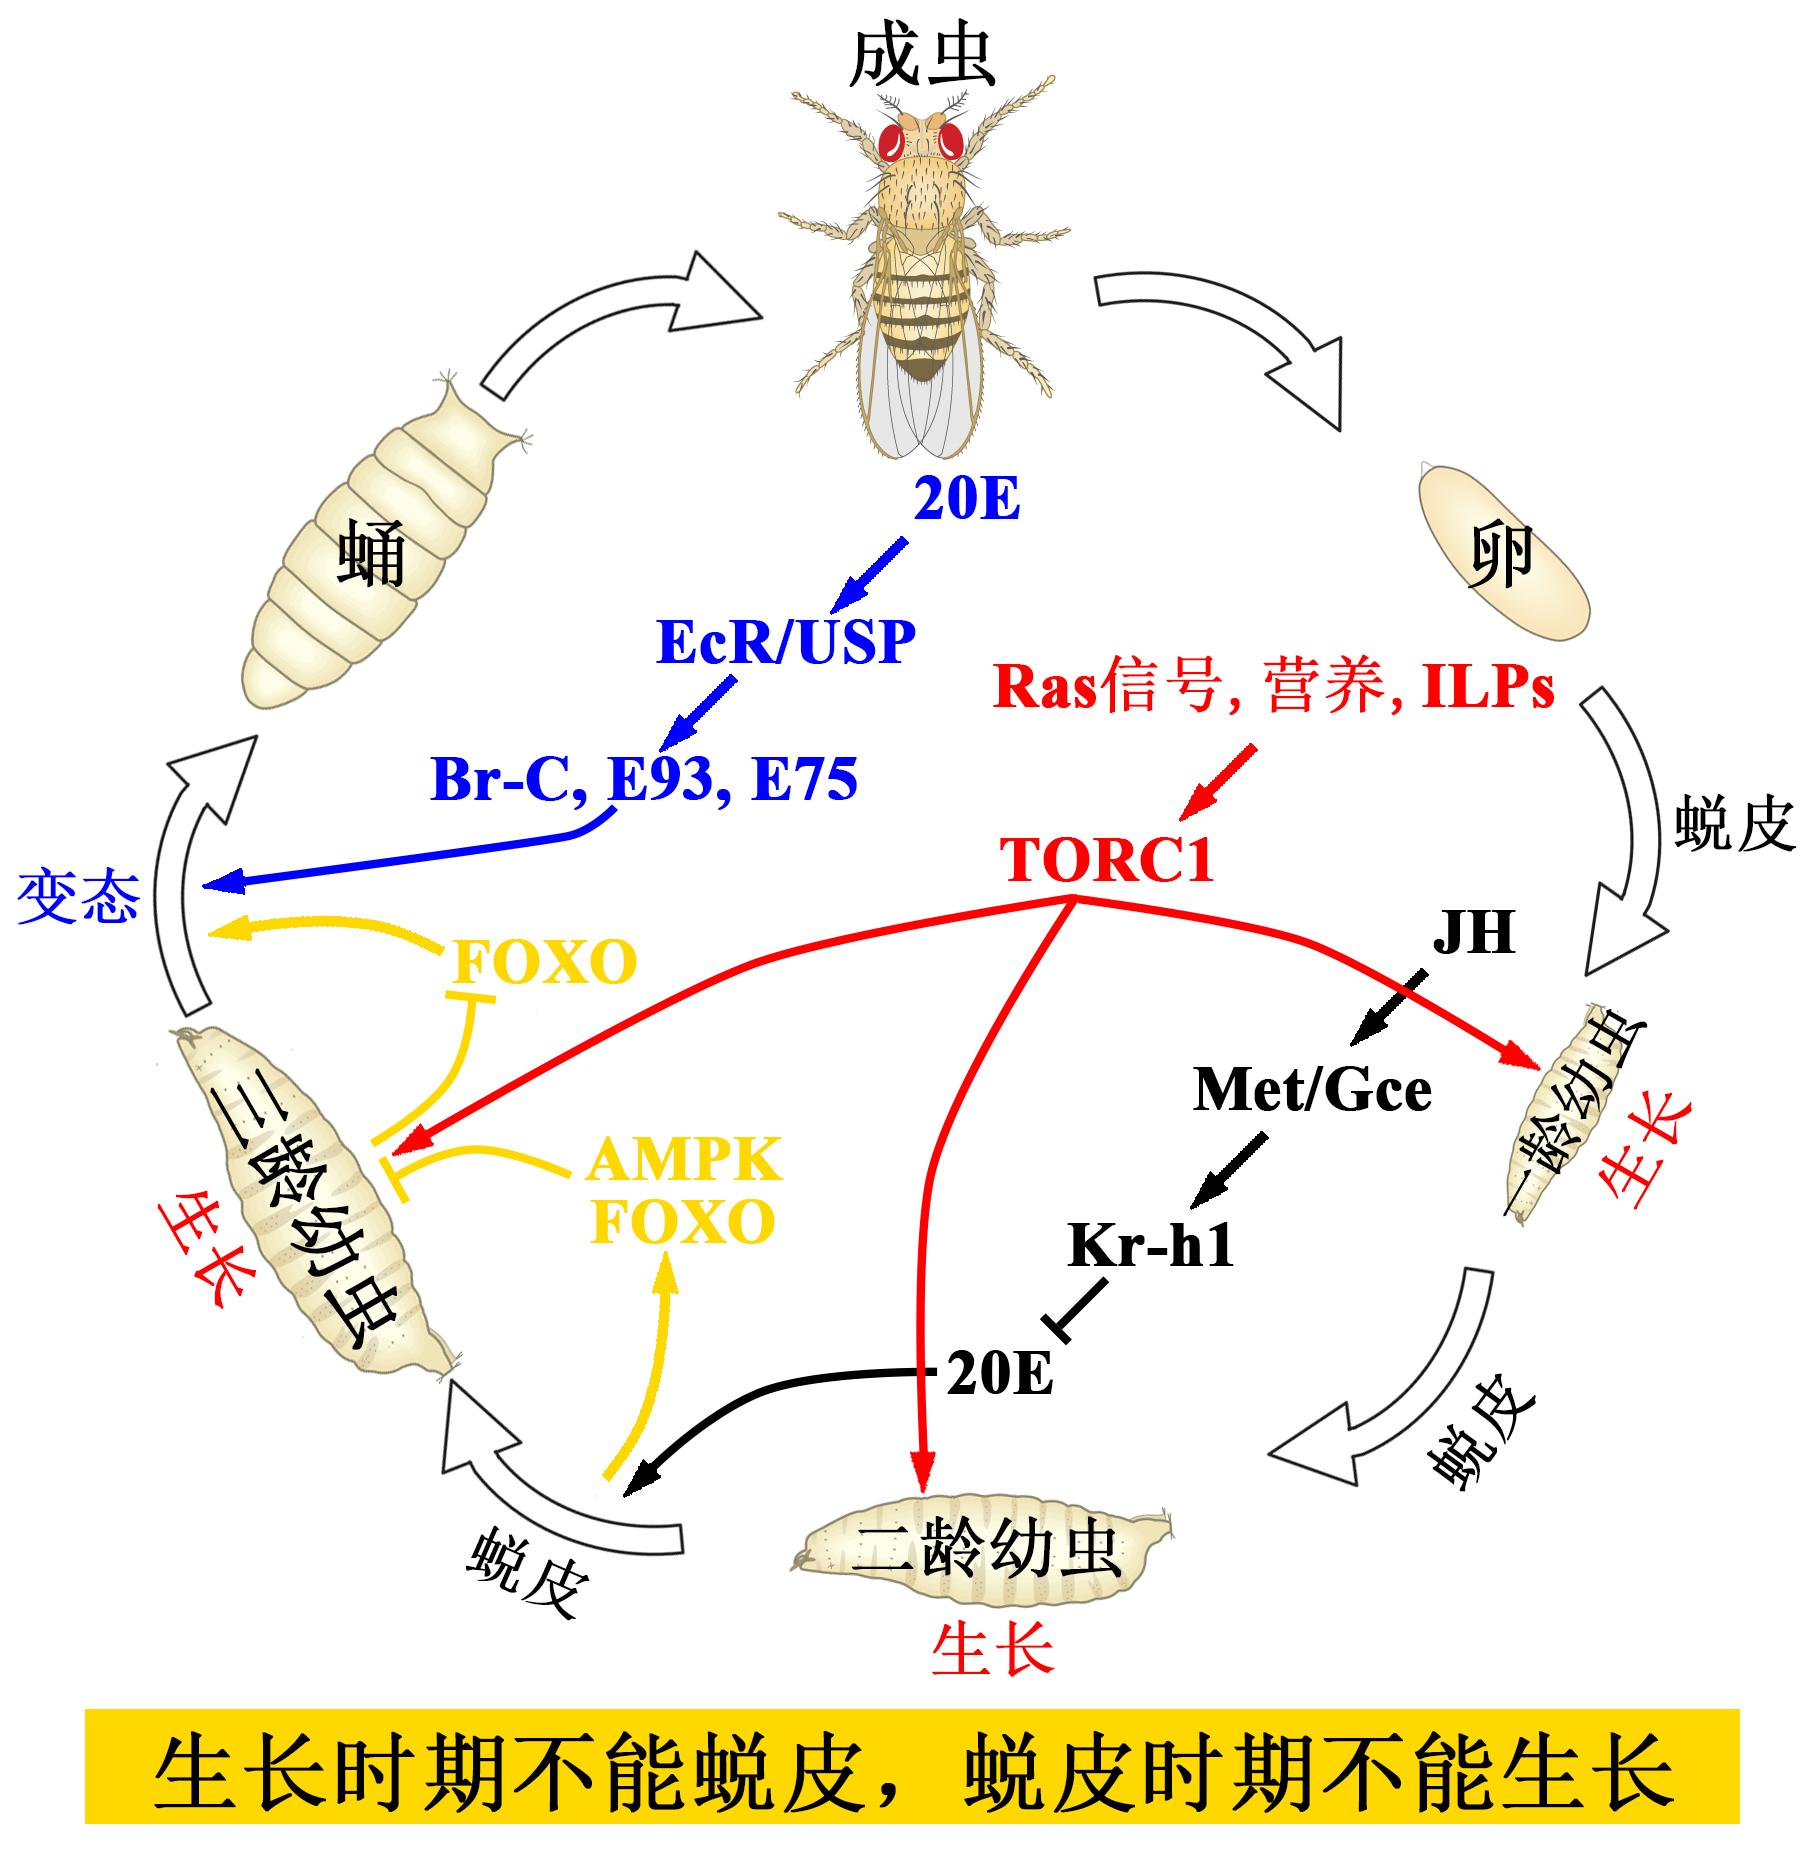 流程圖.jpg